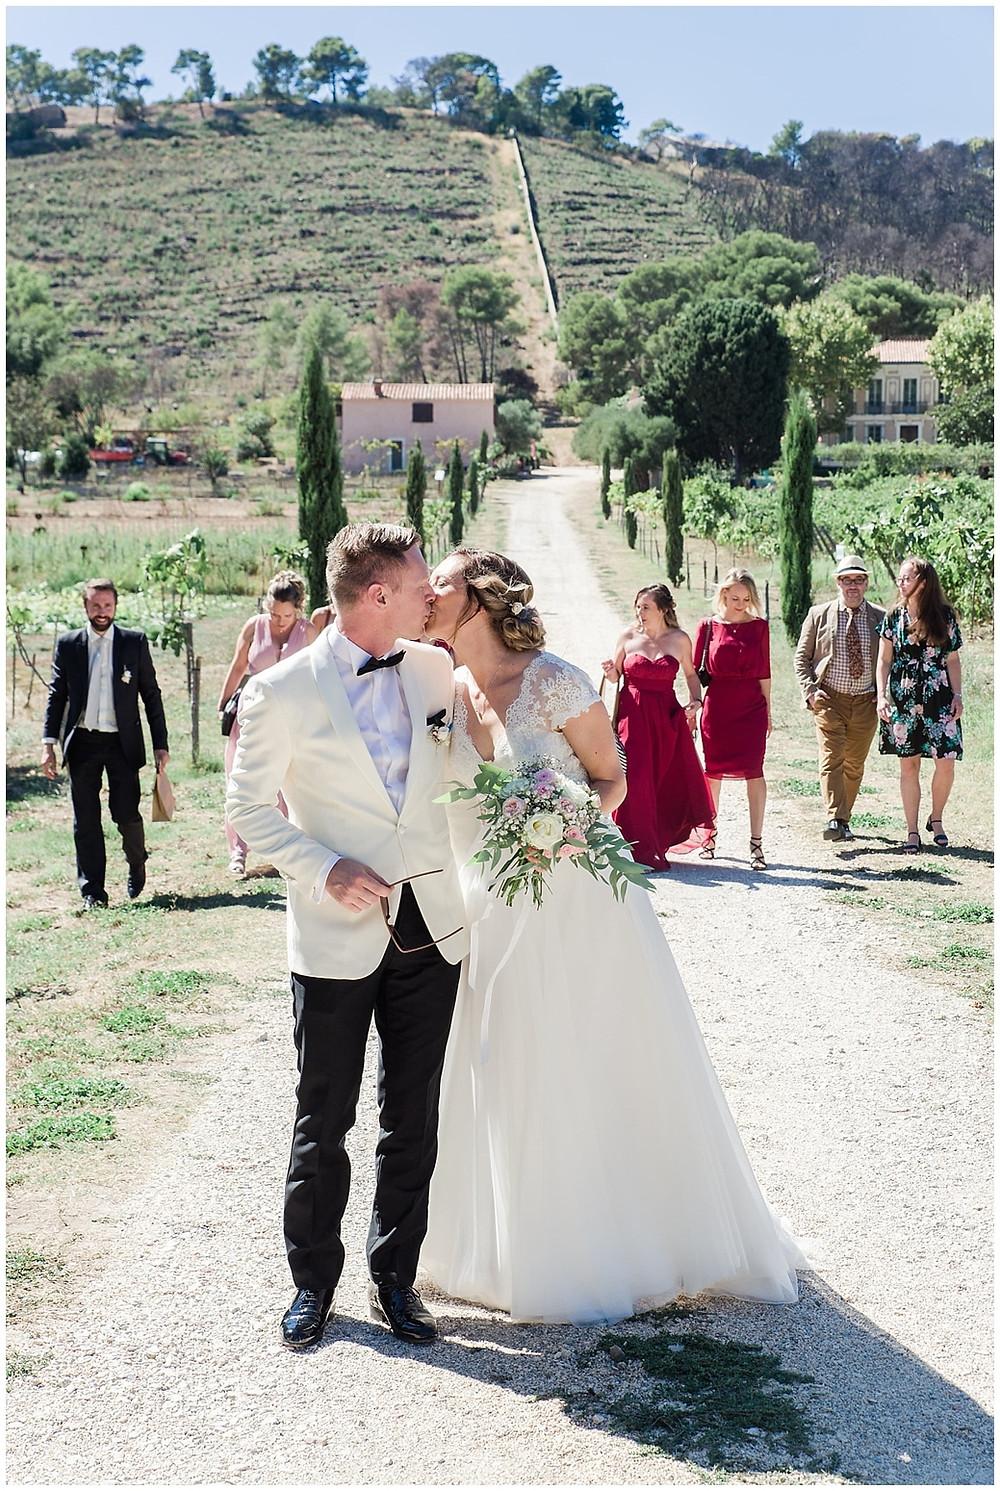 Le marié et la mariée se dirigent vers le lieu de cérémonie, à Saint-Mandrier-sur-mer, dans le Var. Ils marchent sur un chemin de terre battue et s'embrassent, suivis par leurs demoiselles et garçons d'honneur. La mariée porte un bouquet blanc et rose.